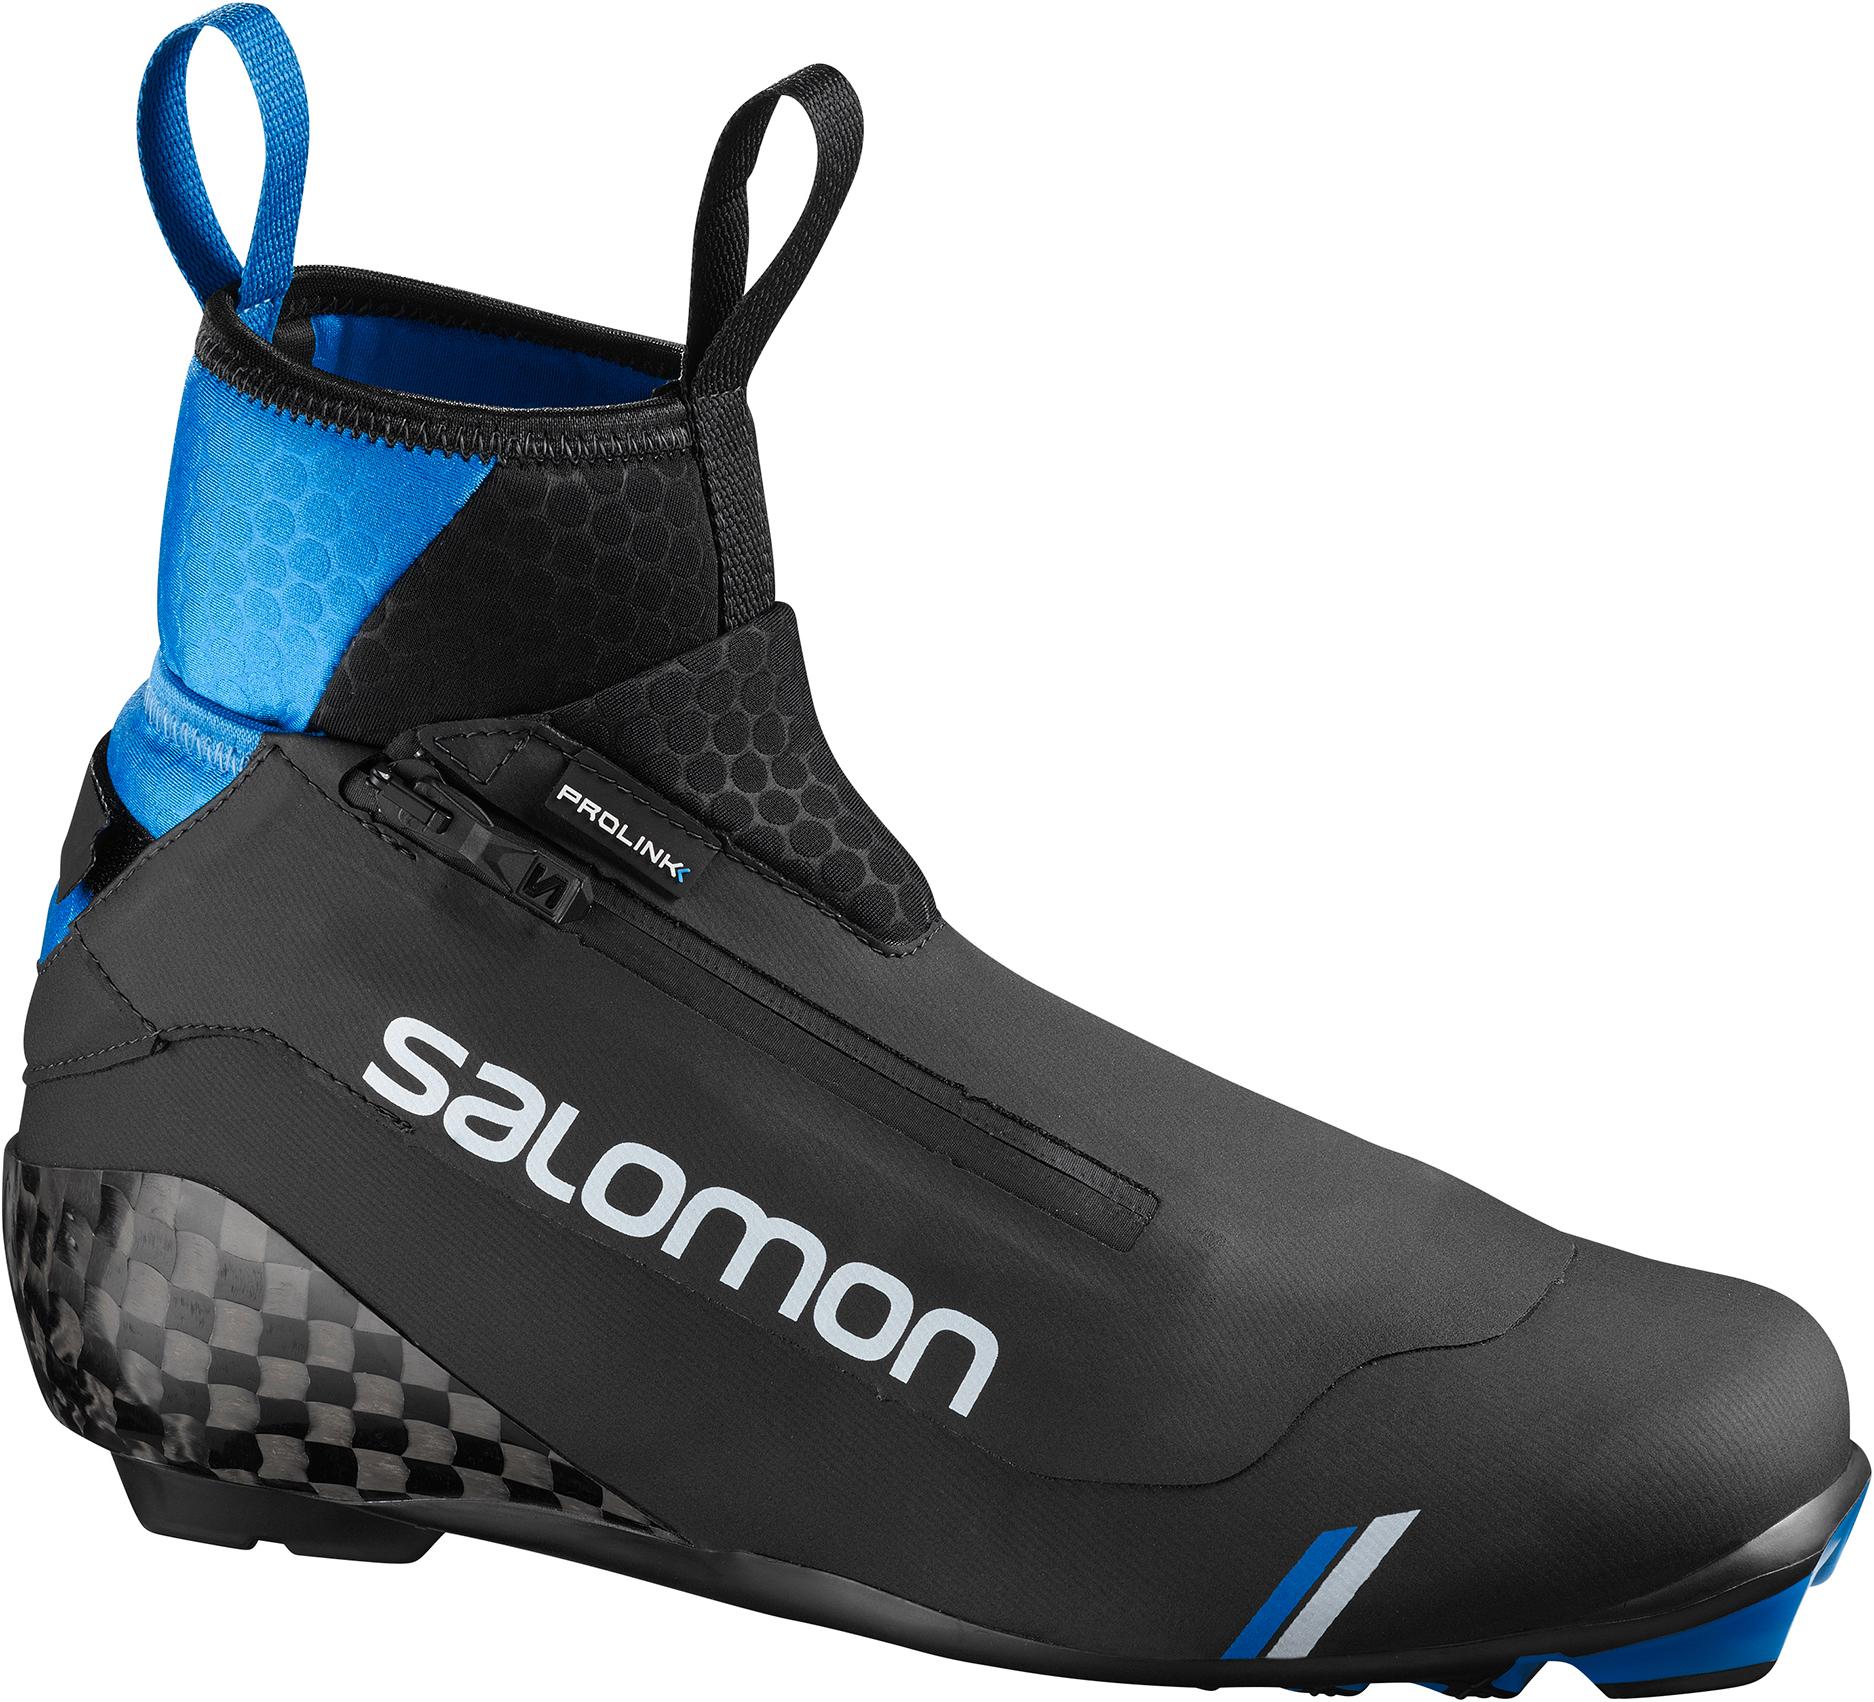 Salomon S/RACE CLASSIC PROLINK